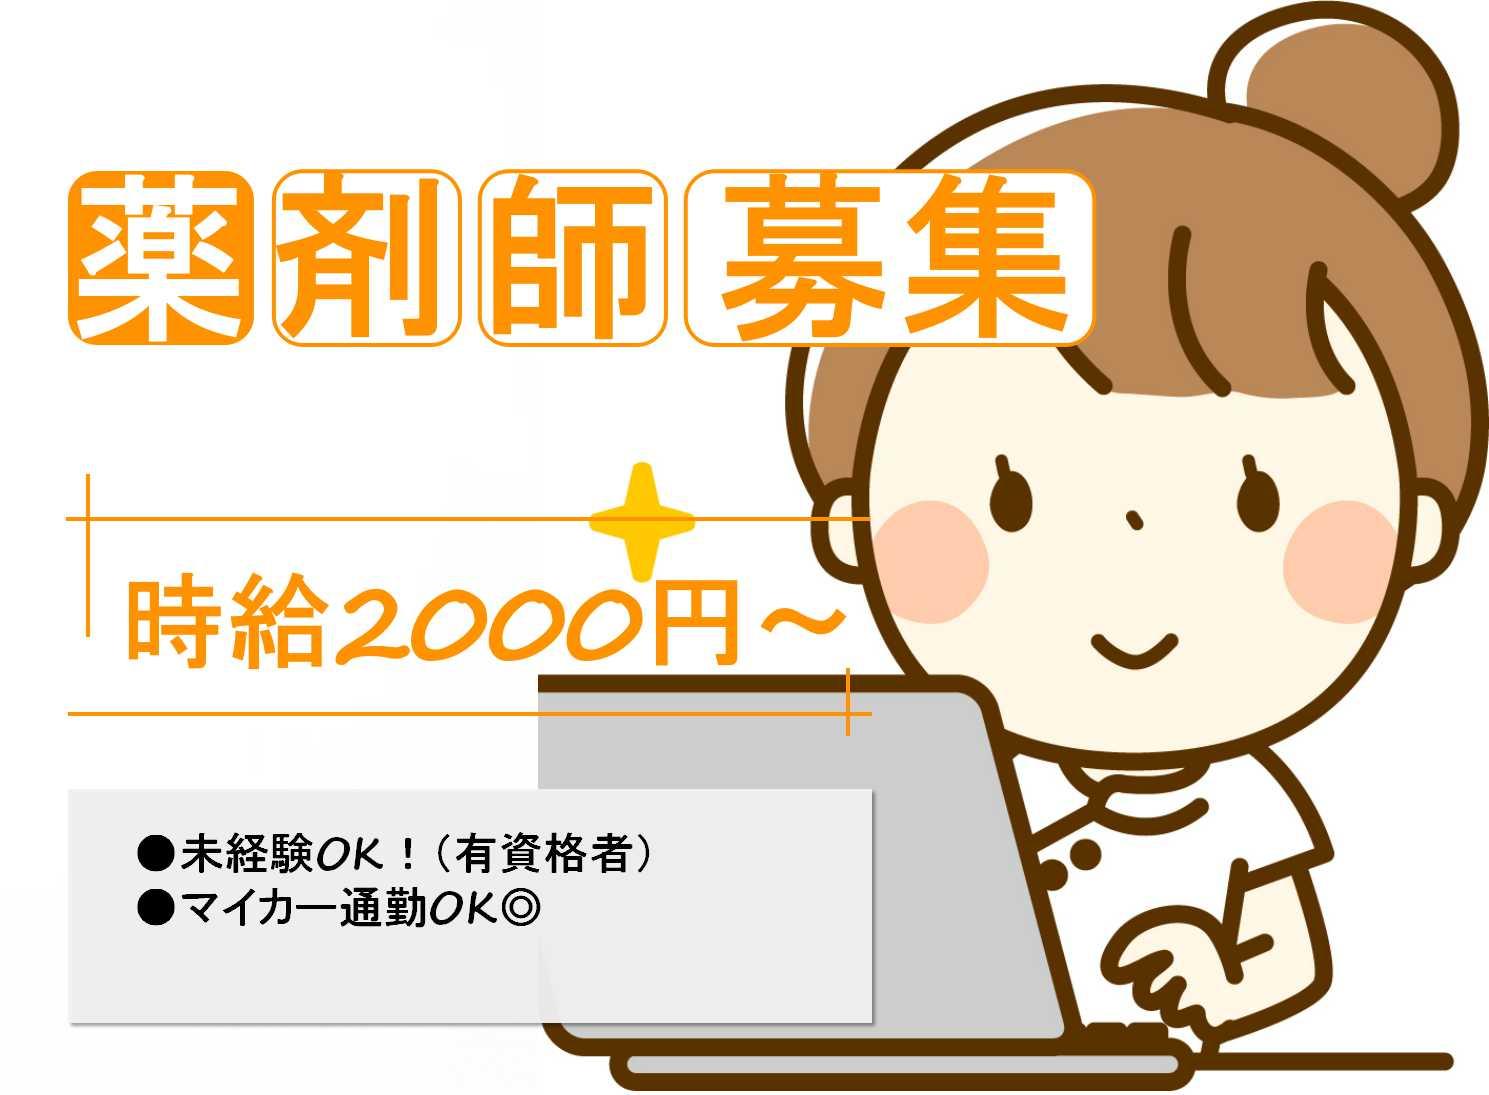 時給2000円以上!資格あれば未経験可の薬剤師【即面談可能】 イメージ